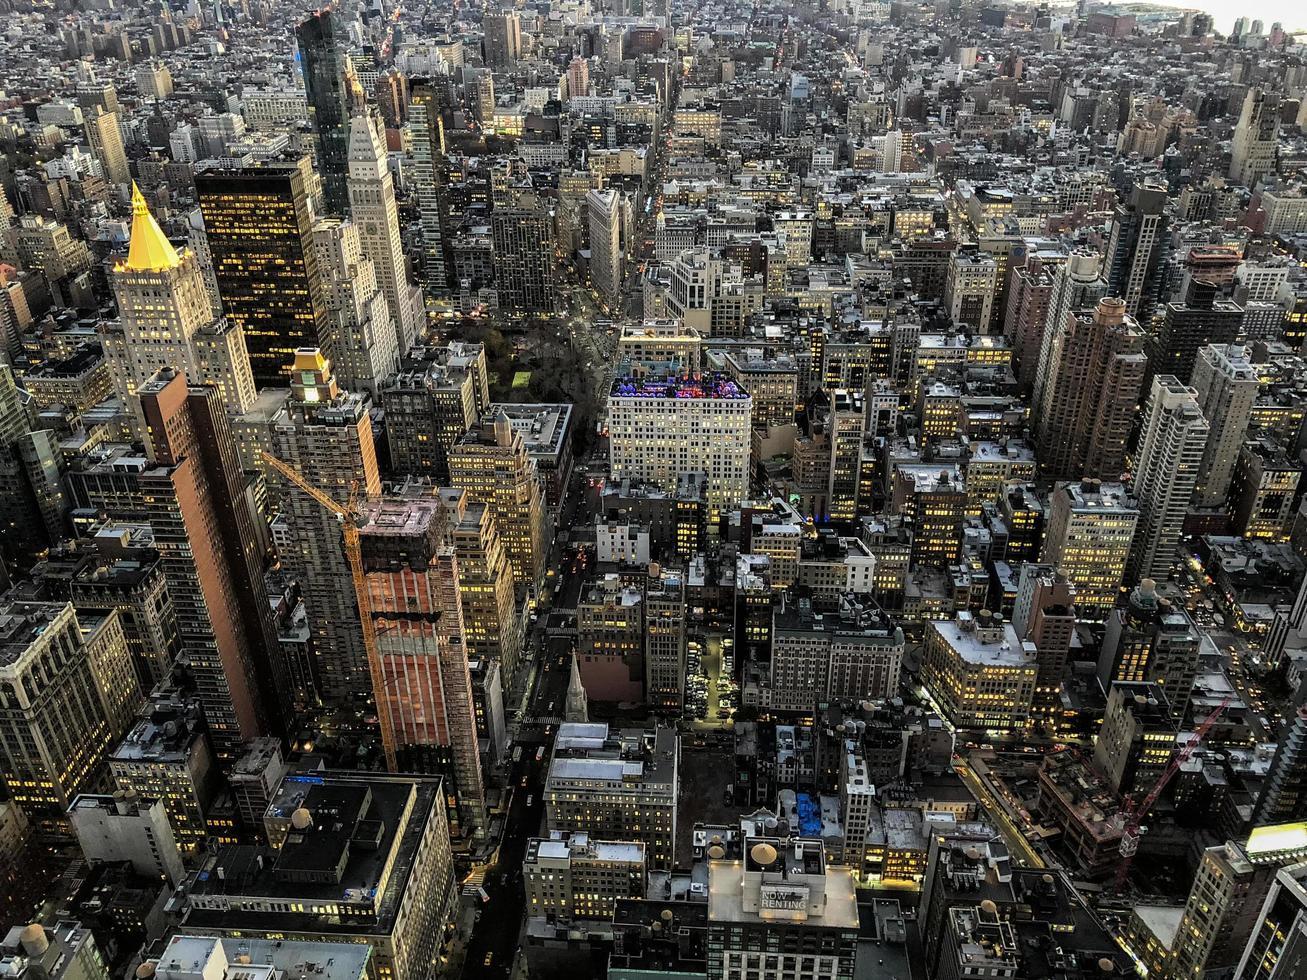 vue aérienne de la ville de new york sur les toits de la ville photo